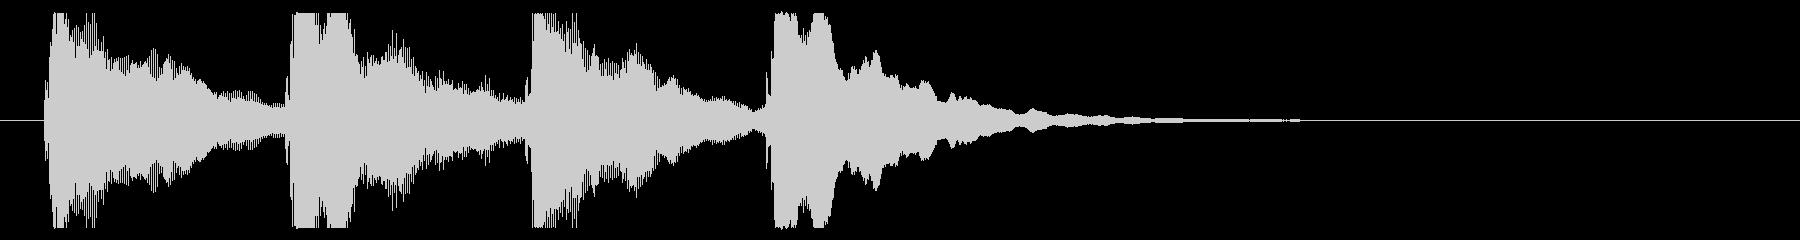 ゴージャスなピンポンパンポン、開始用の未再生の波形